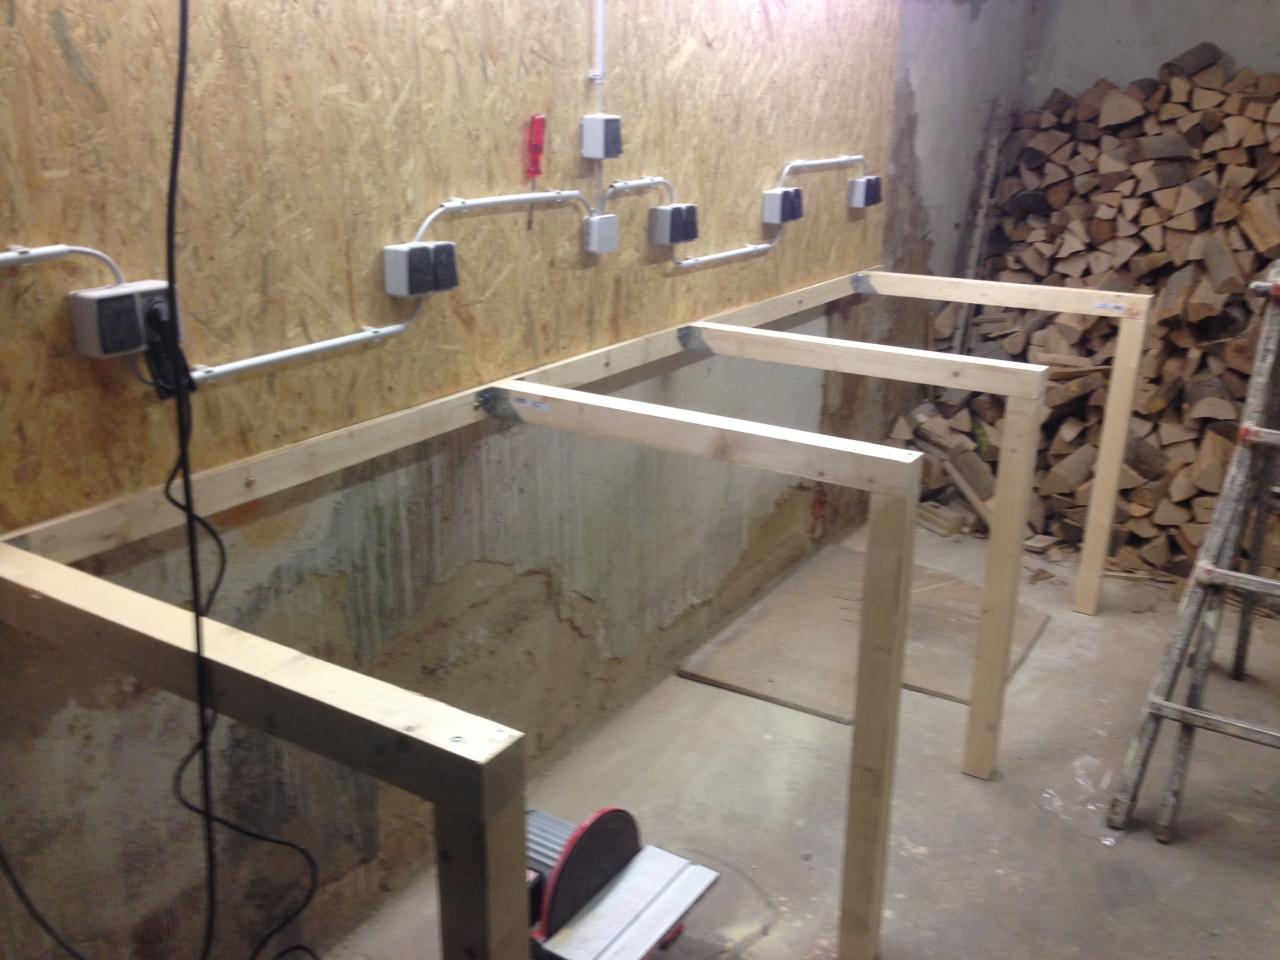 Werkstatt Bauanleitung Zum Selberbauen 1 2 Do Com Deine Heimwerker Community